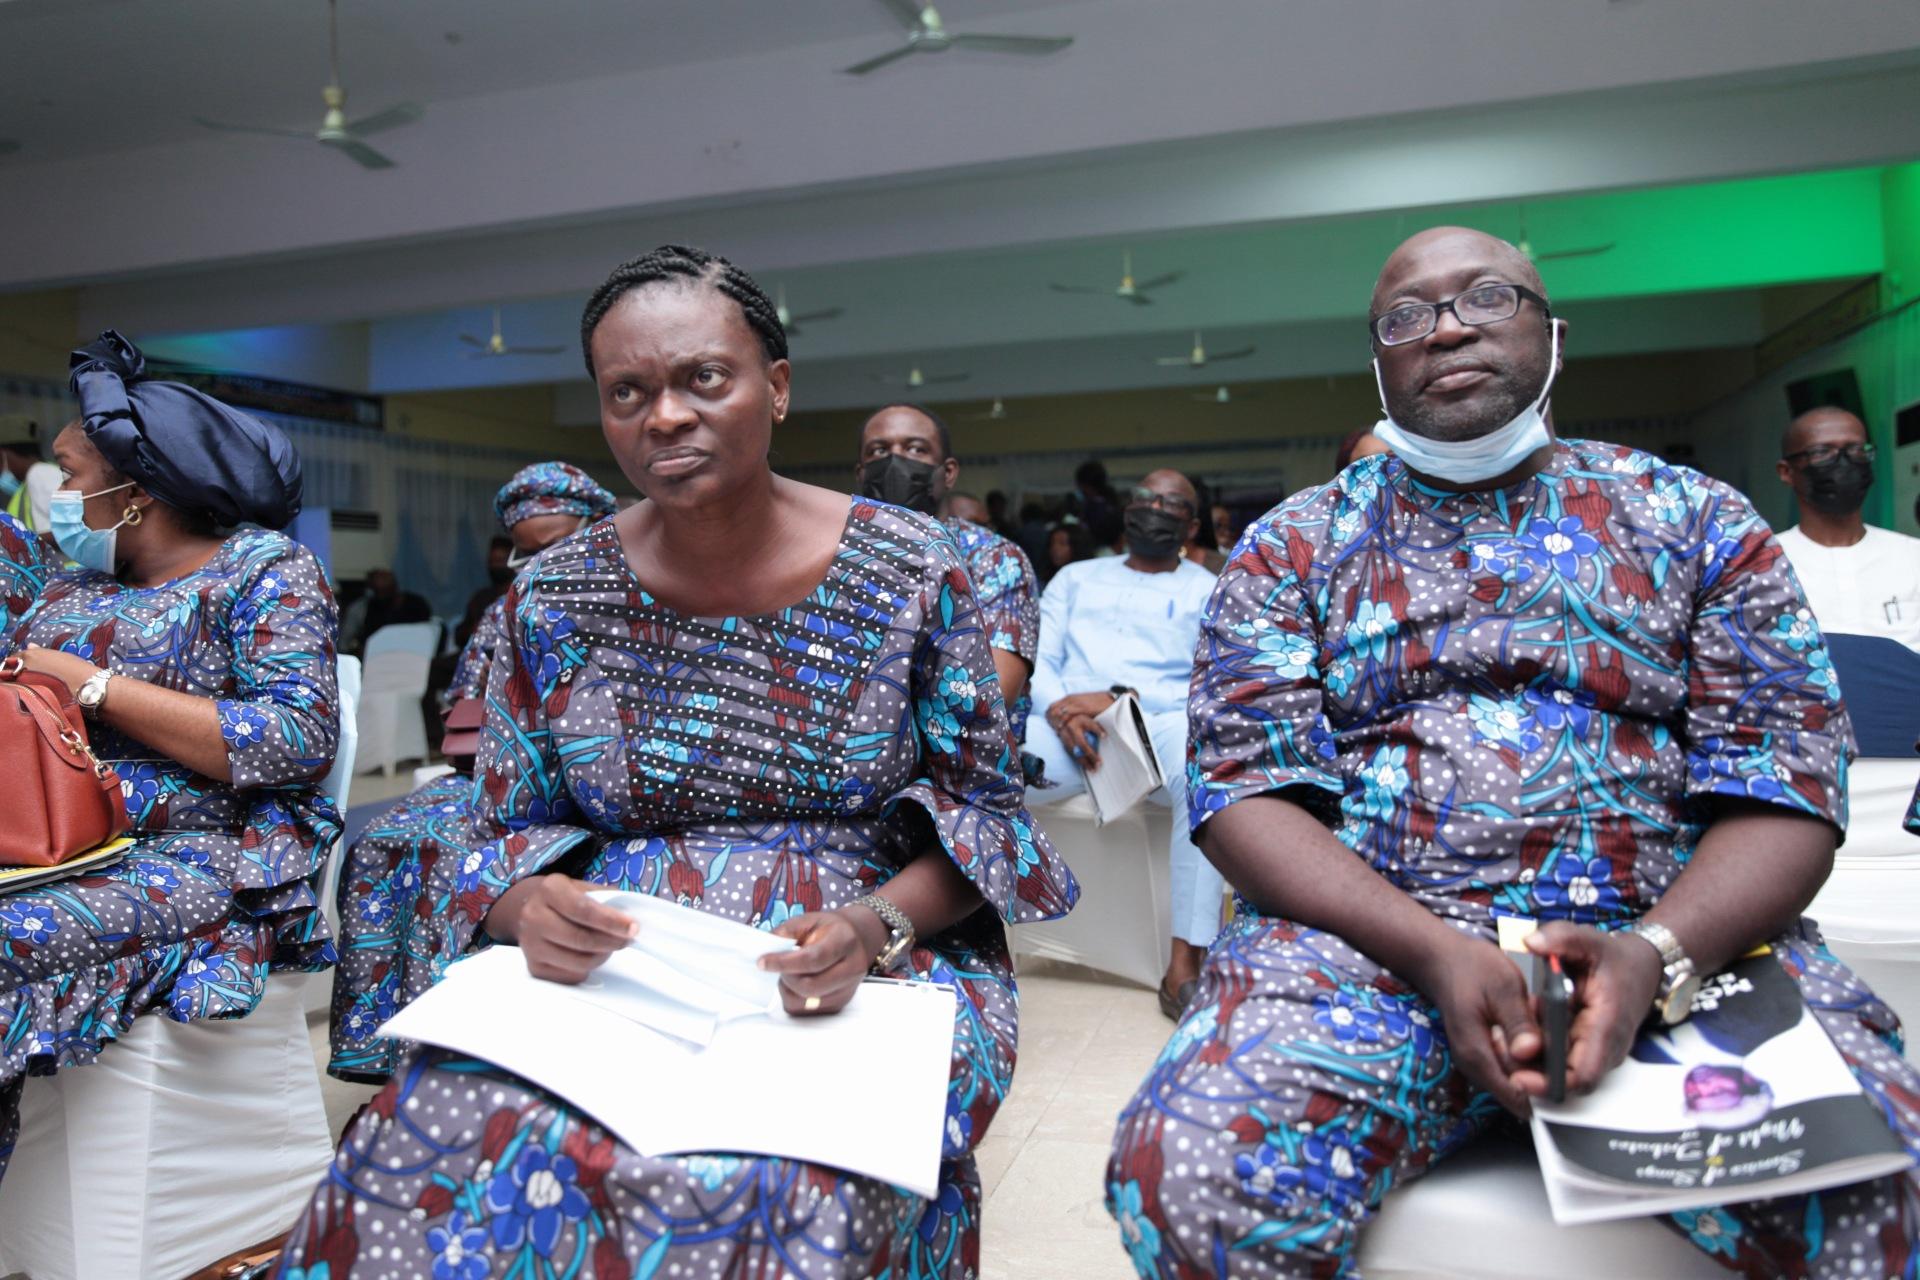 Barr. Basi Fawehinmi Biobaku and Barr Tunjj Biobaku